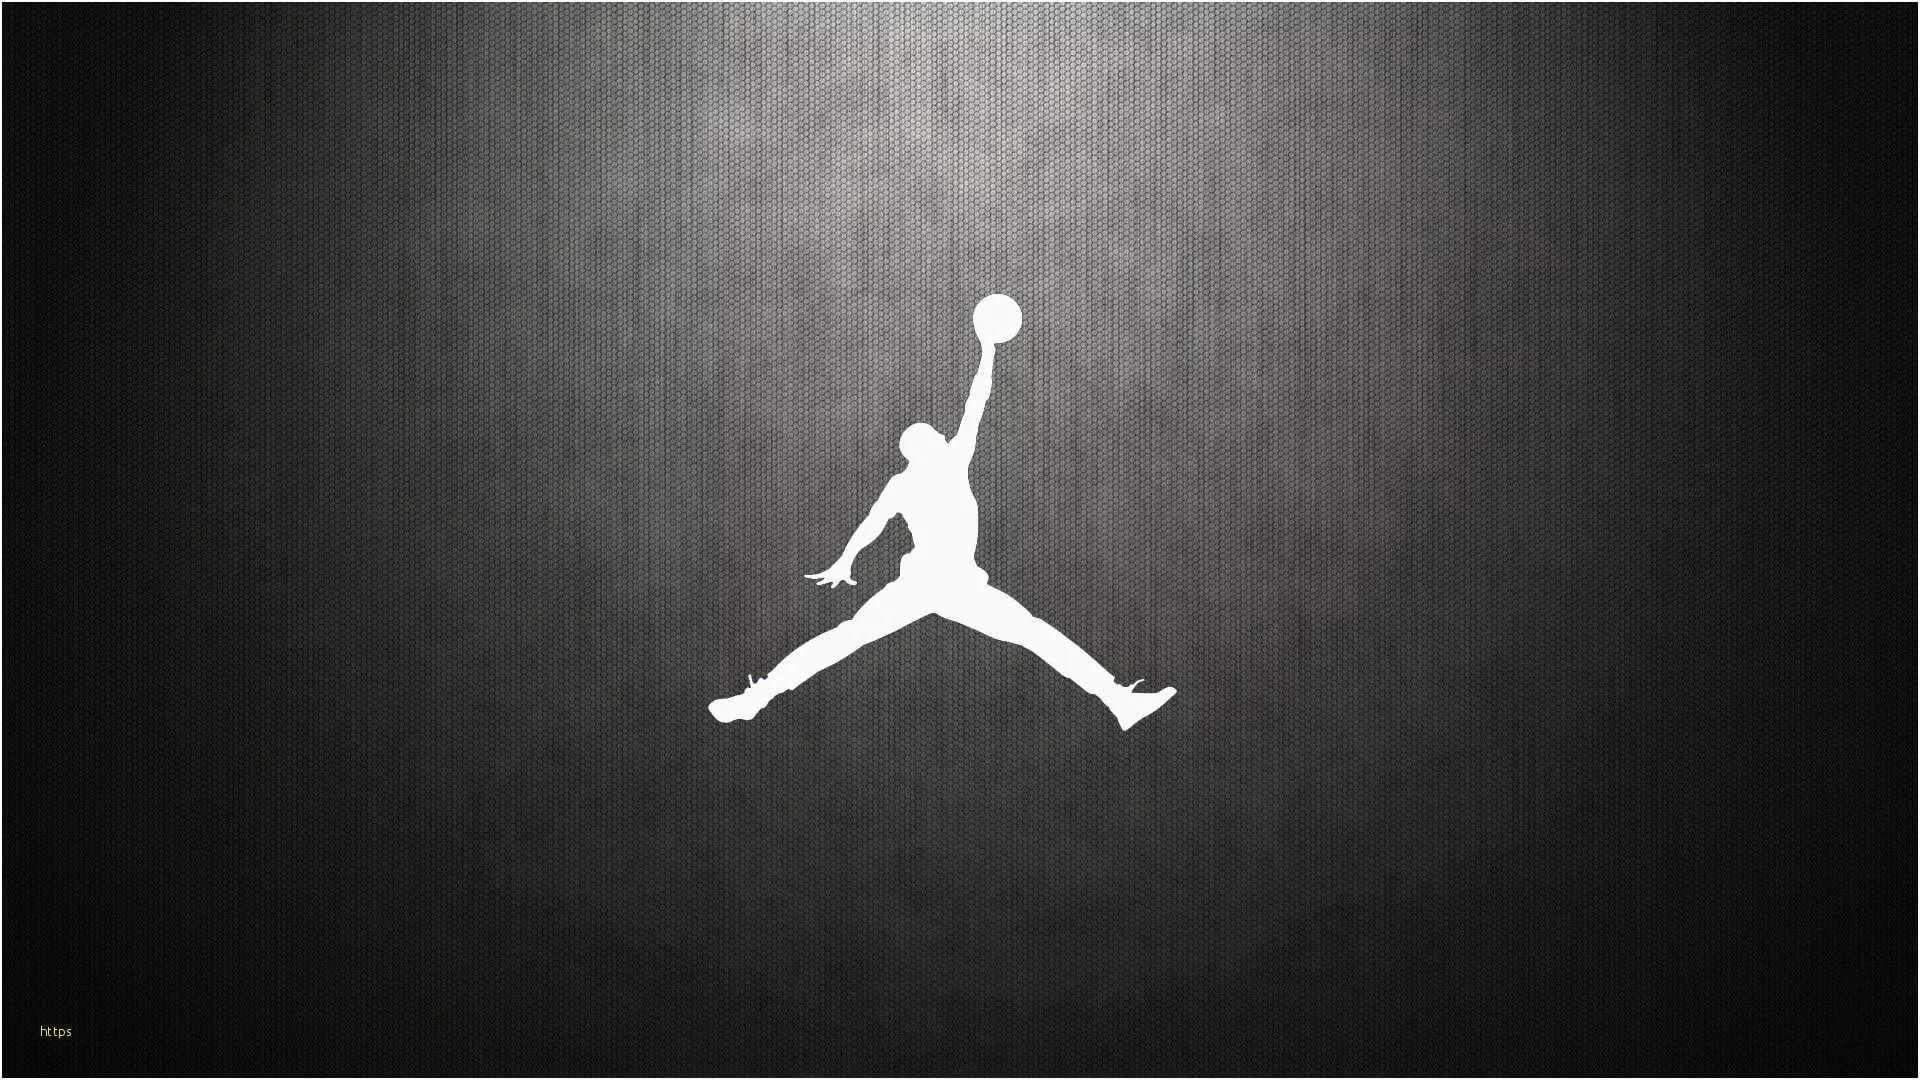 Jumpman Wallpaper Theme